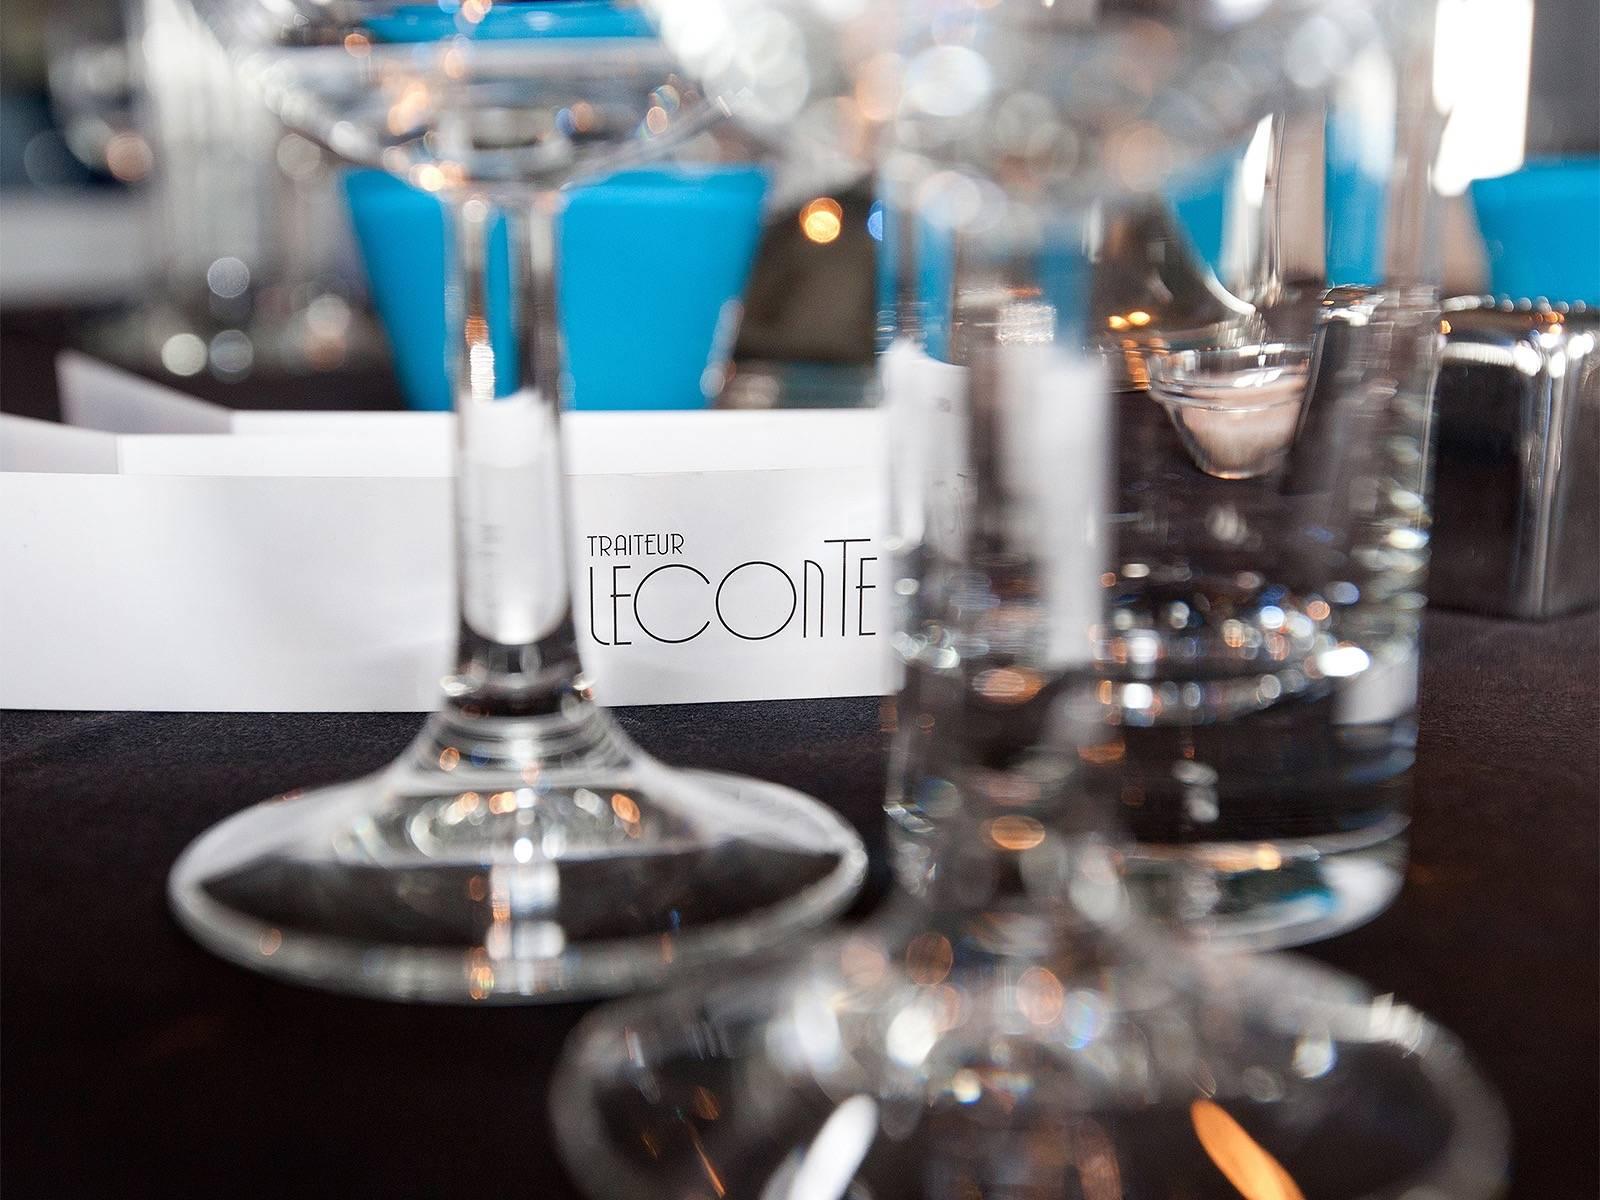 Traiteur Leconte - Catering event - Traiteur - House of Events - 8